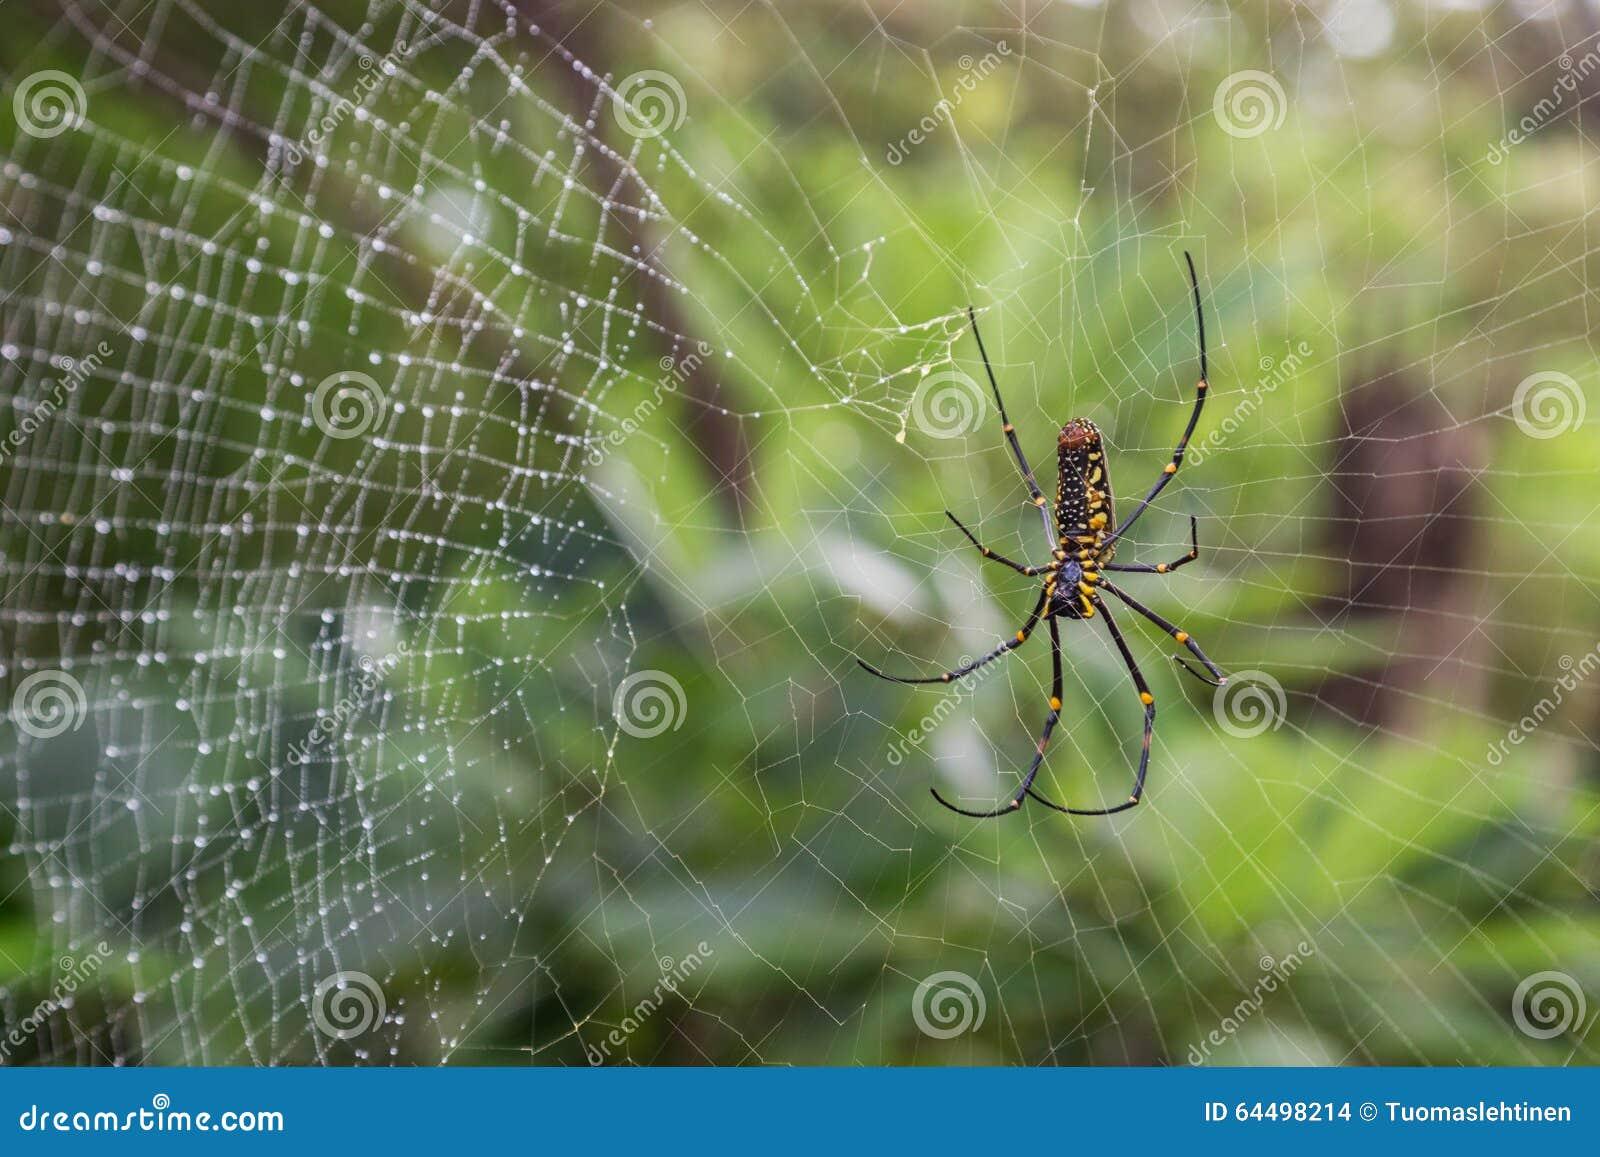 Closeup av en guld- siden- orb-vävare spindel